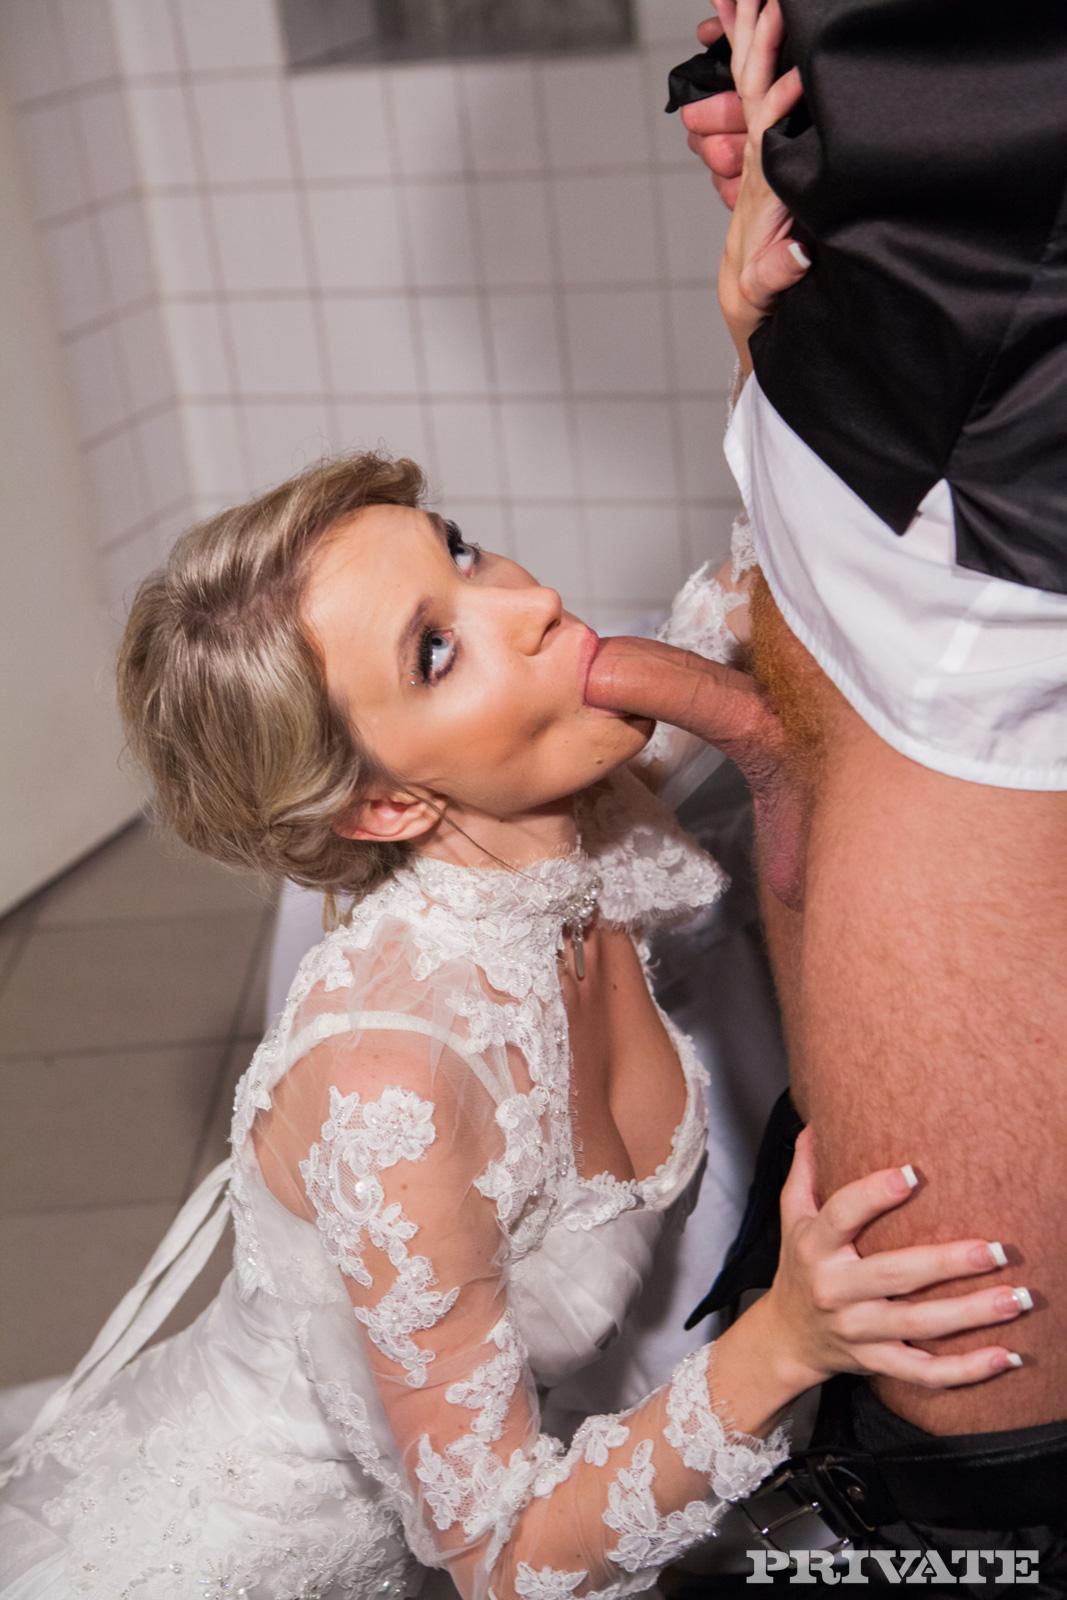 секс во время примерки рожать дома